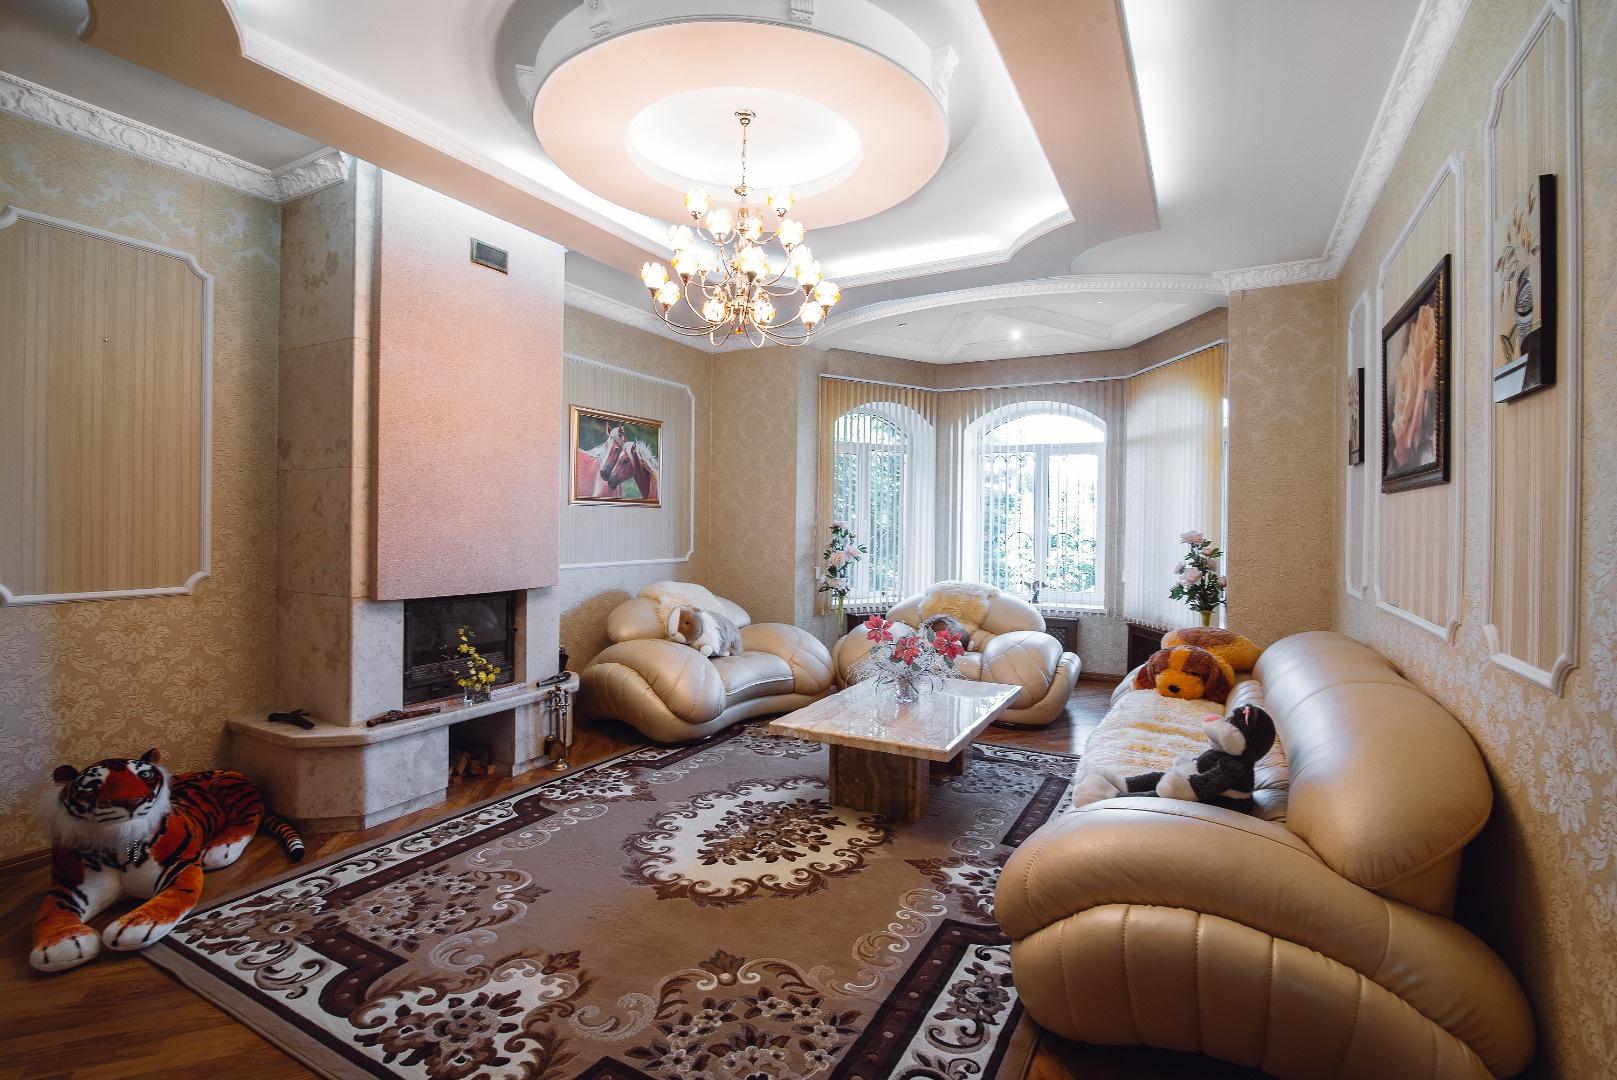 Продается Дом на ул. Аркадиевский Пер. — 1 500 000 у.е. (фото №11)